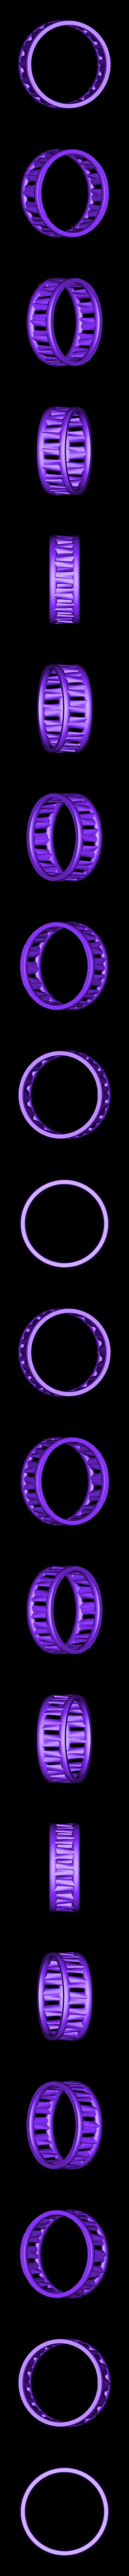 PI-Bracelet-ring_2.3.stl Télécharger fichier STL gratuit Bracelet Palmiga - Collection Bague • Plan imprimable en 3D, Palmiga